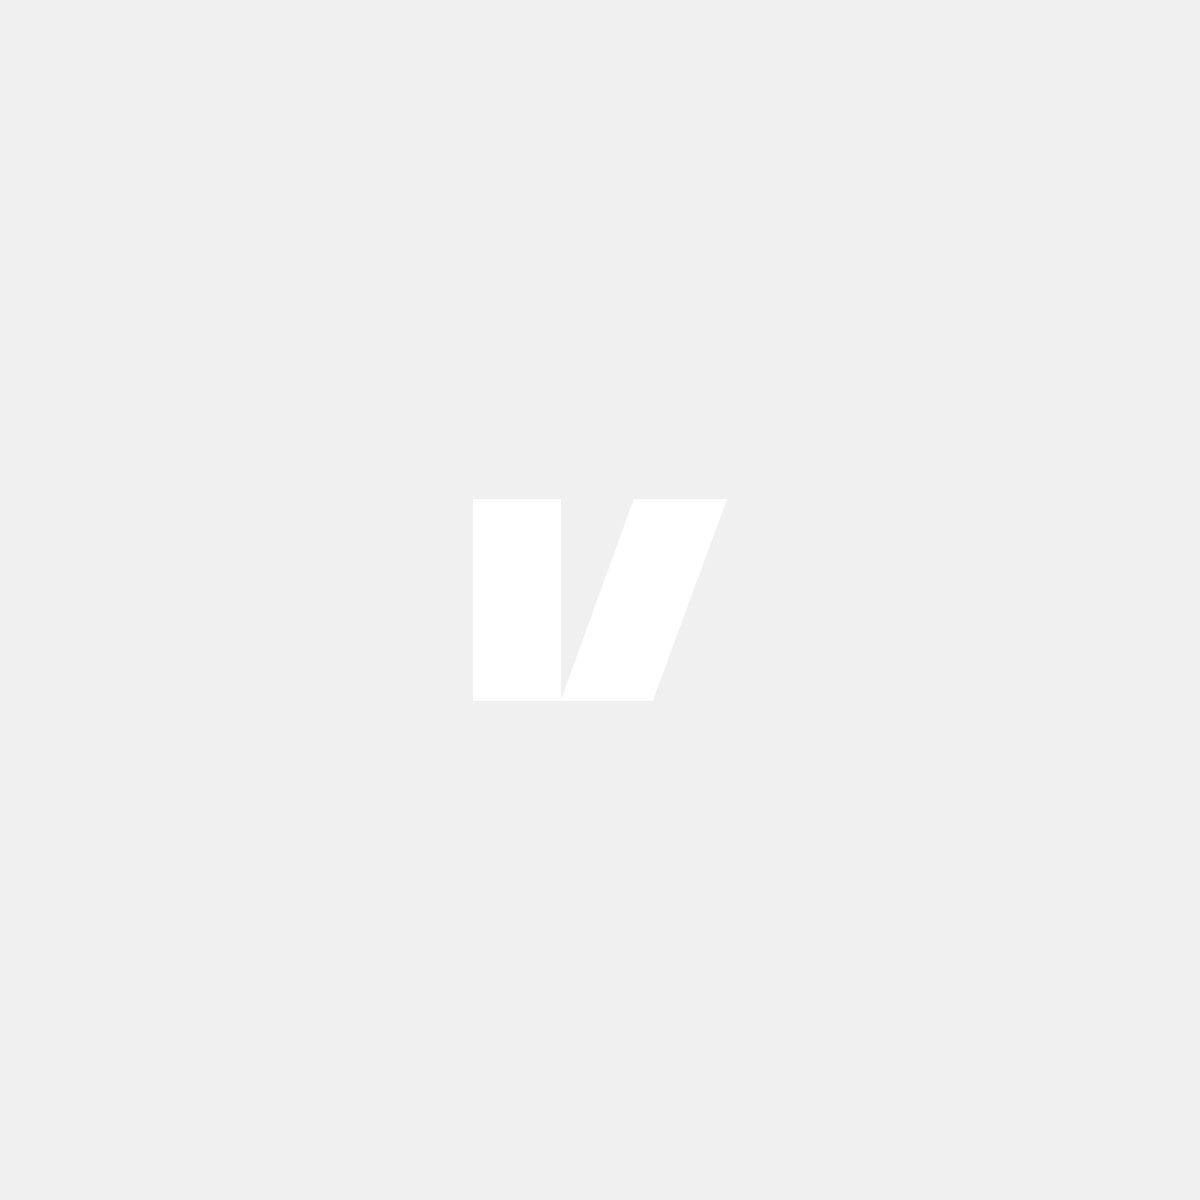 monteringssats-volvo-xc70III-30794554